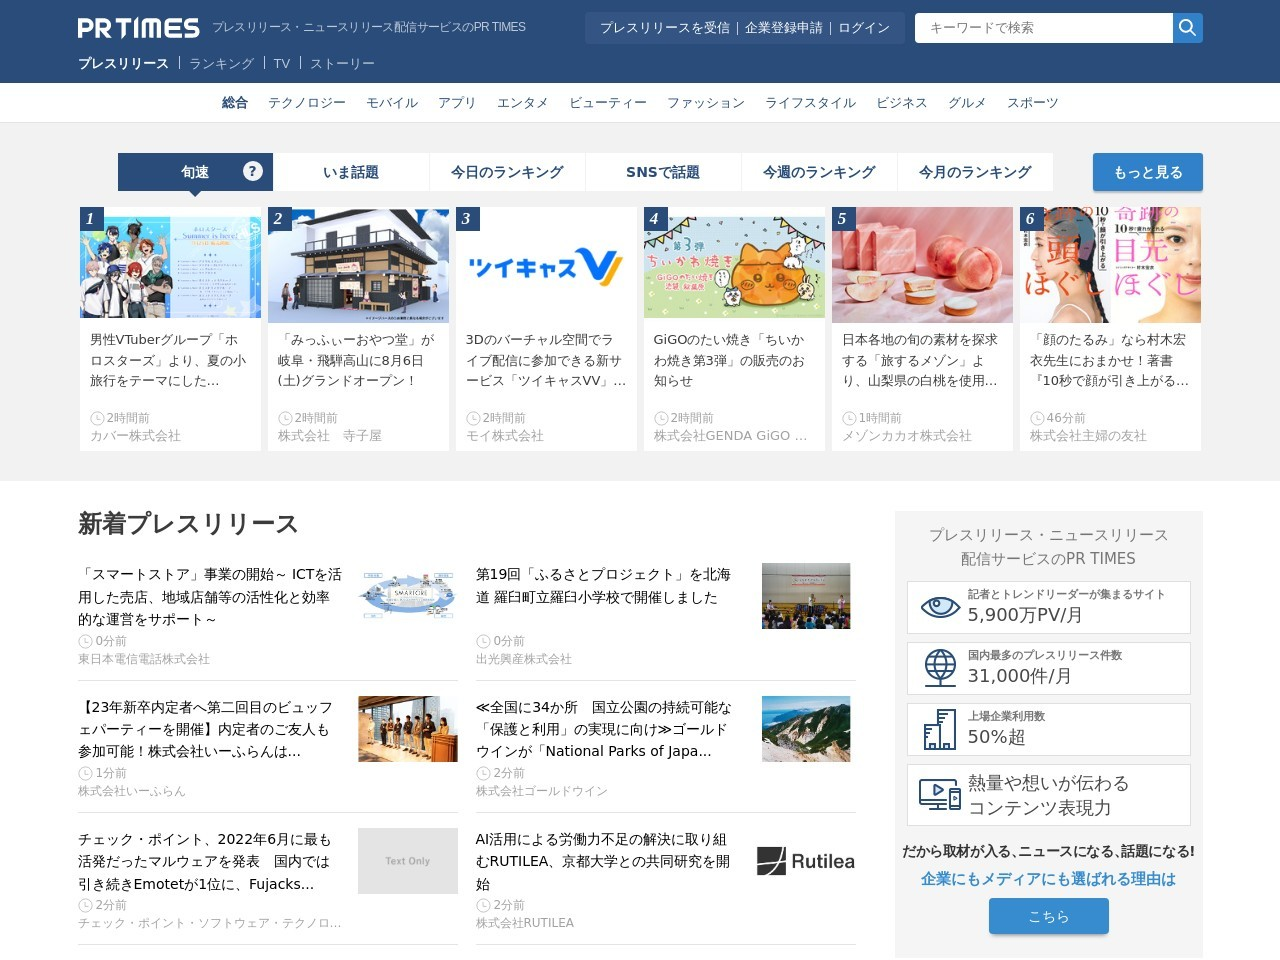 全国のカニ旅行ランキングを阪急交通社が発表! ~越前・鯖江・武生(福井県)が1位!各地域のカニの …